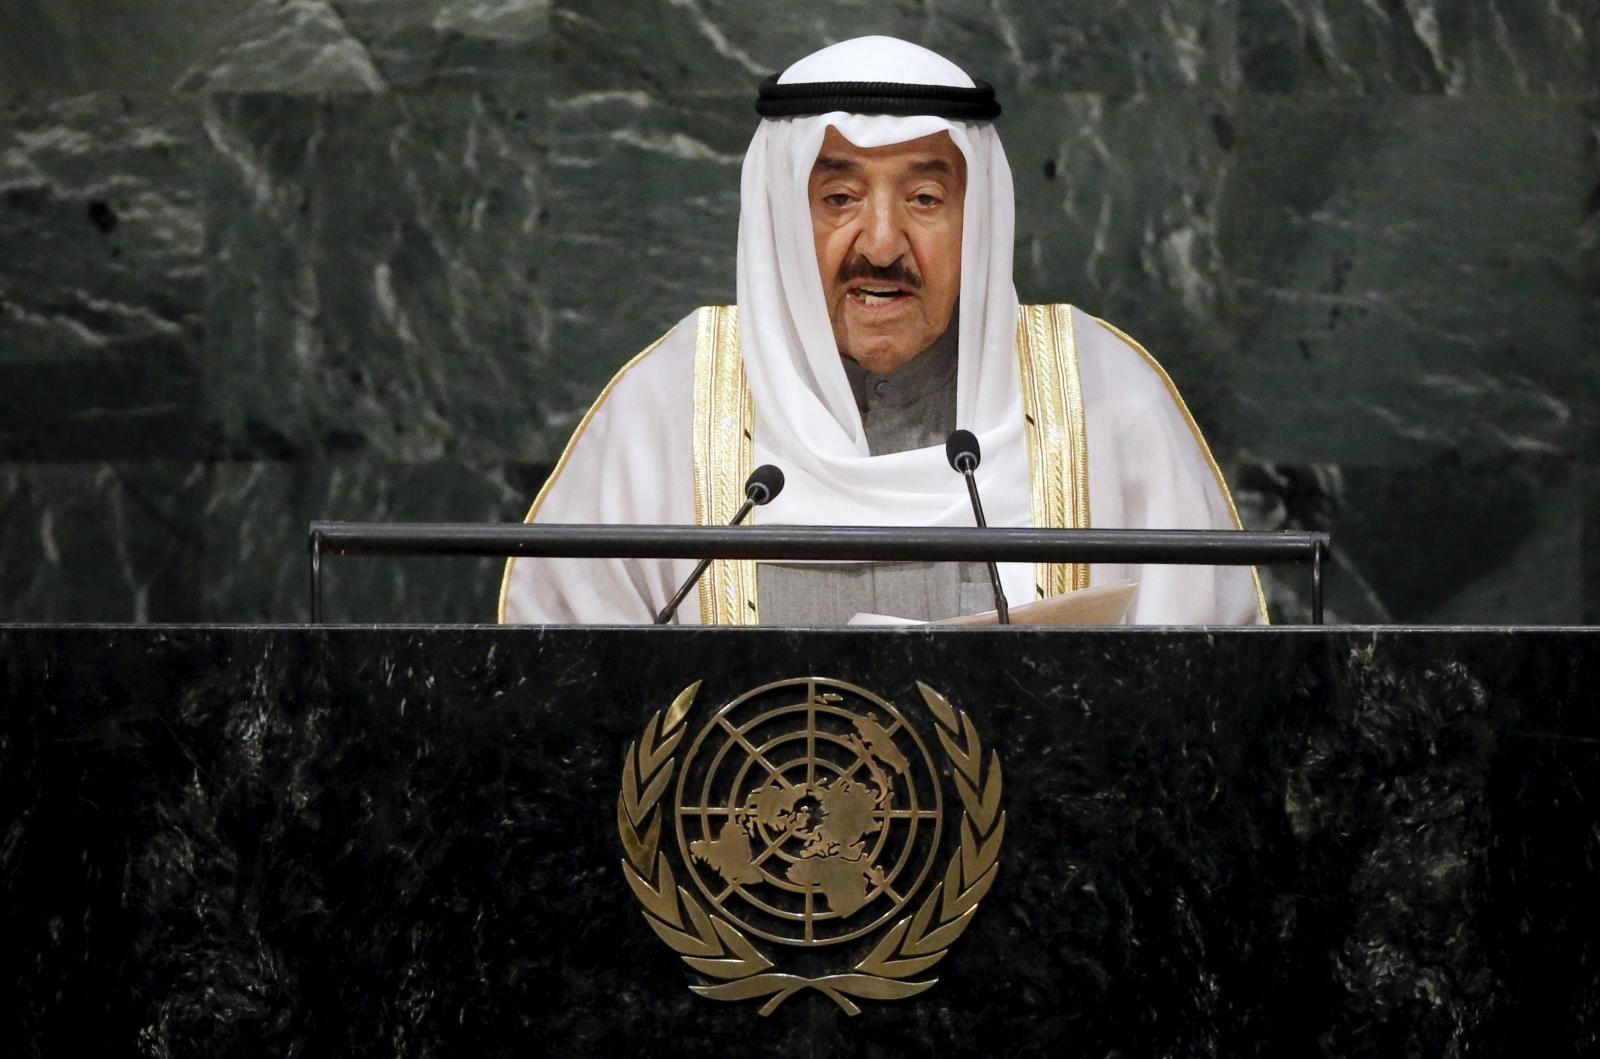 Emir of Kuwait